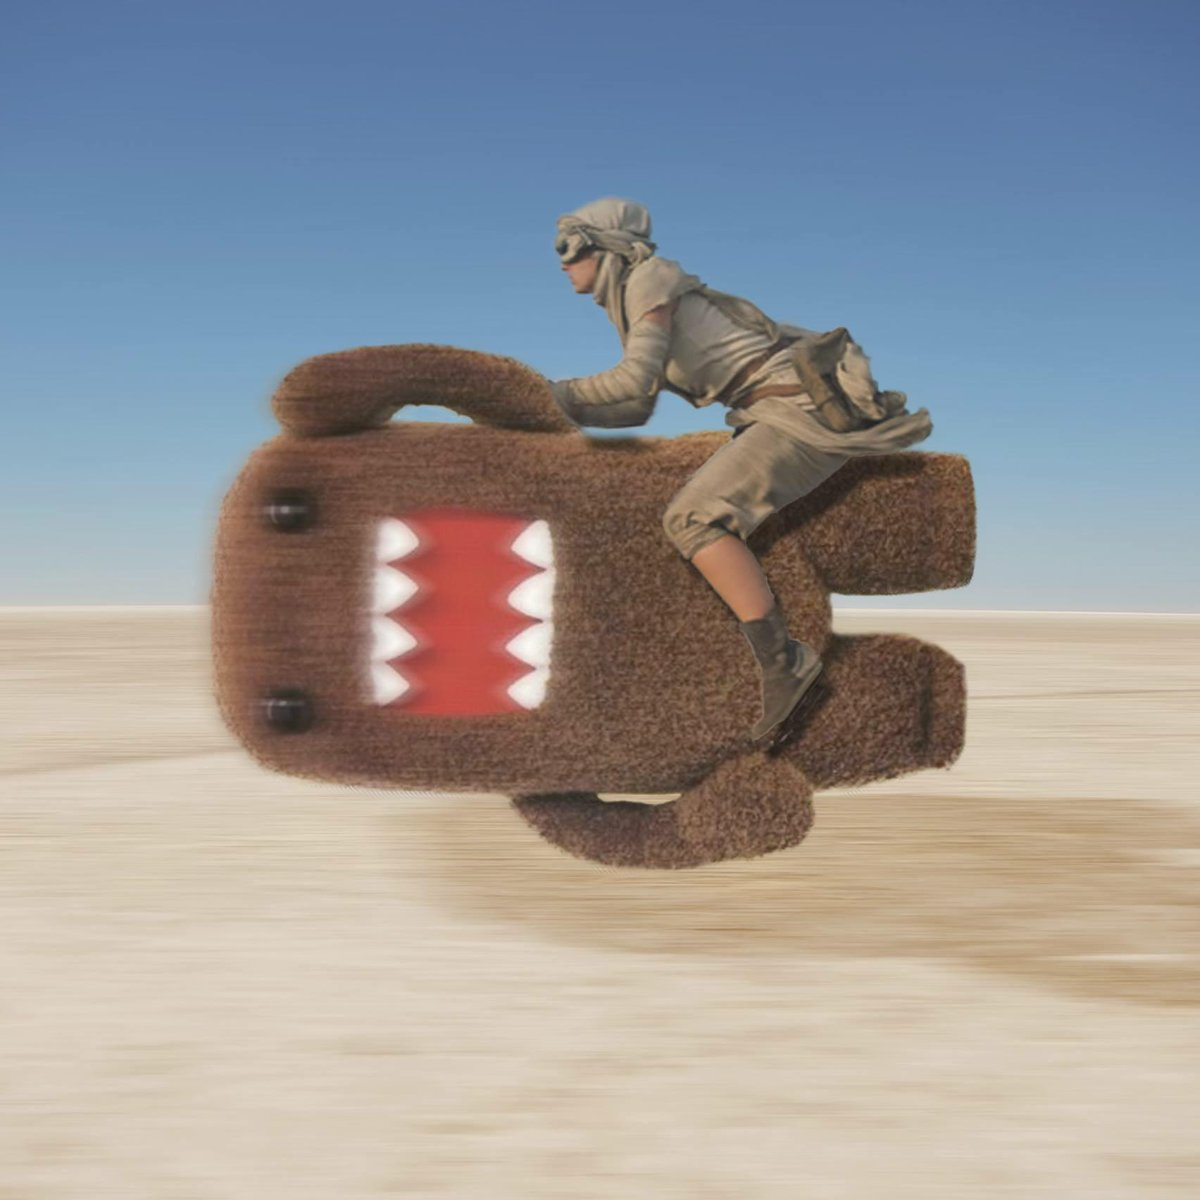 This thing is genius. @geekleetist is genius. http://t.co/1YO9pRWqbN